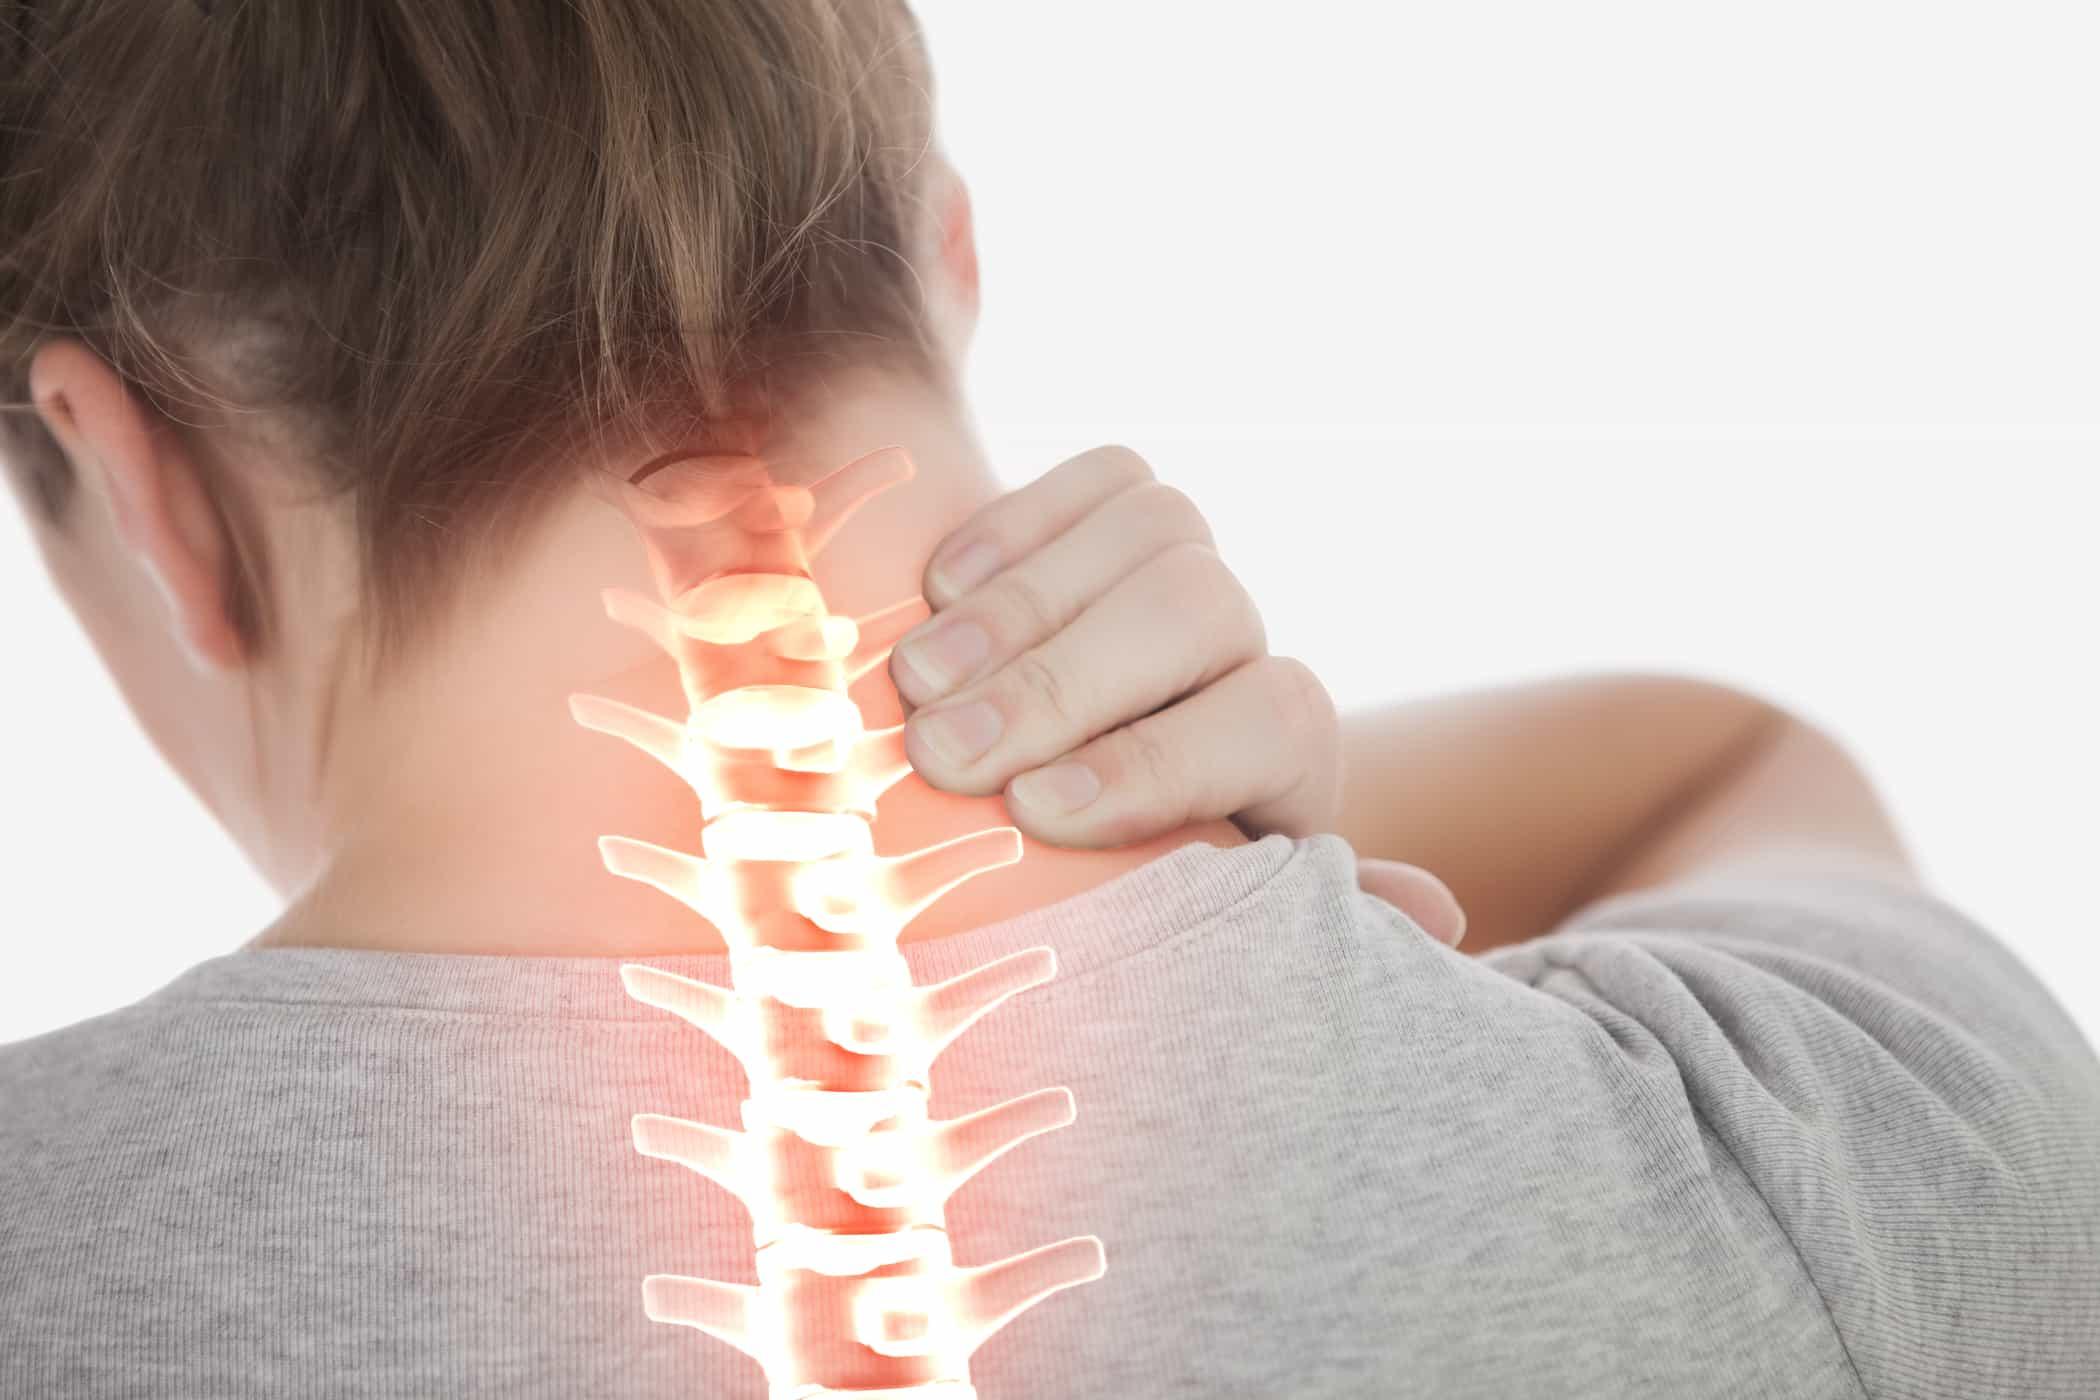 Những bệnh lý xương khớp - hiện tượng đau cổ vai gáy